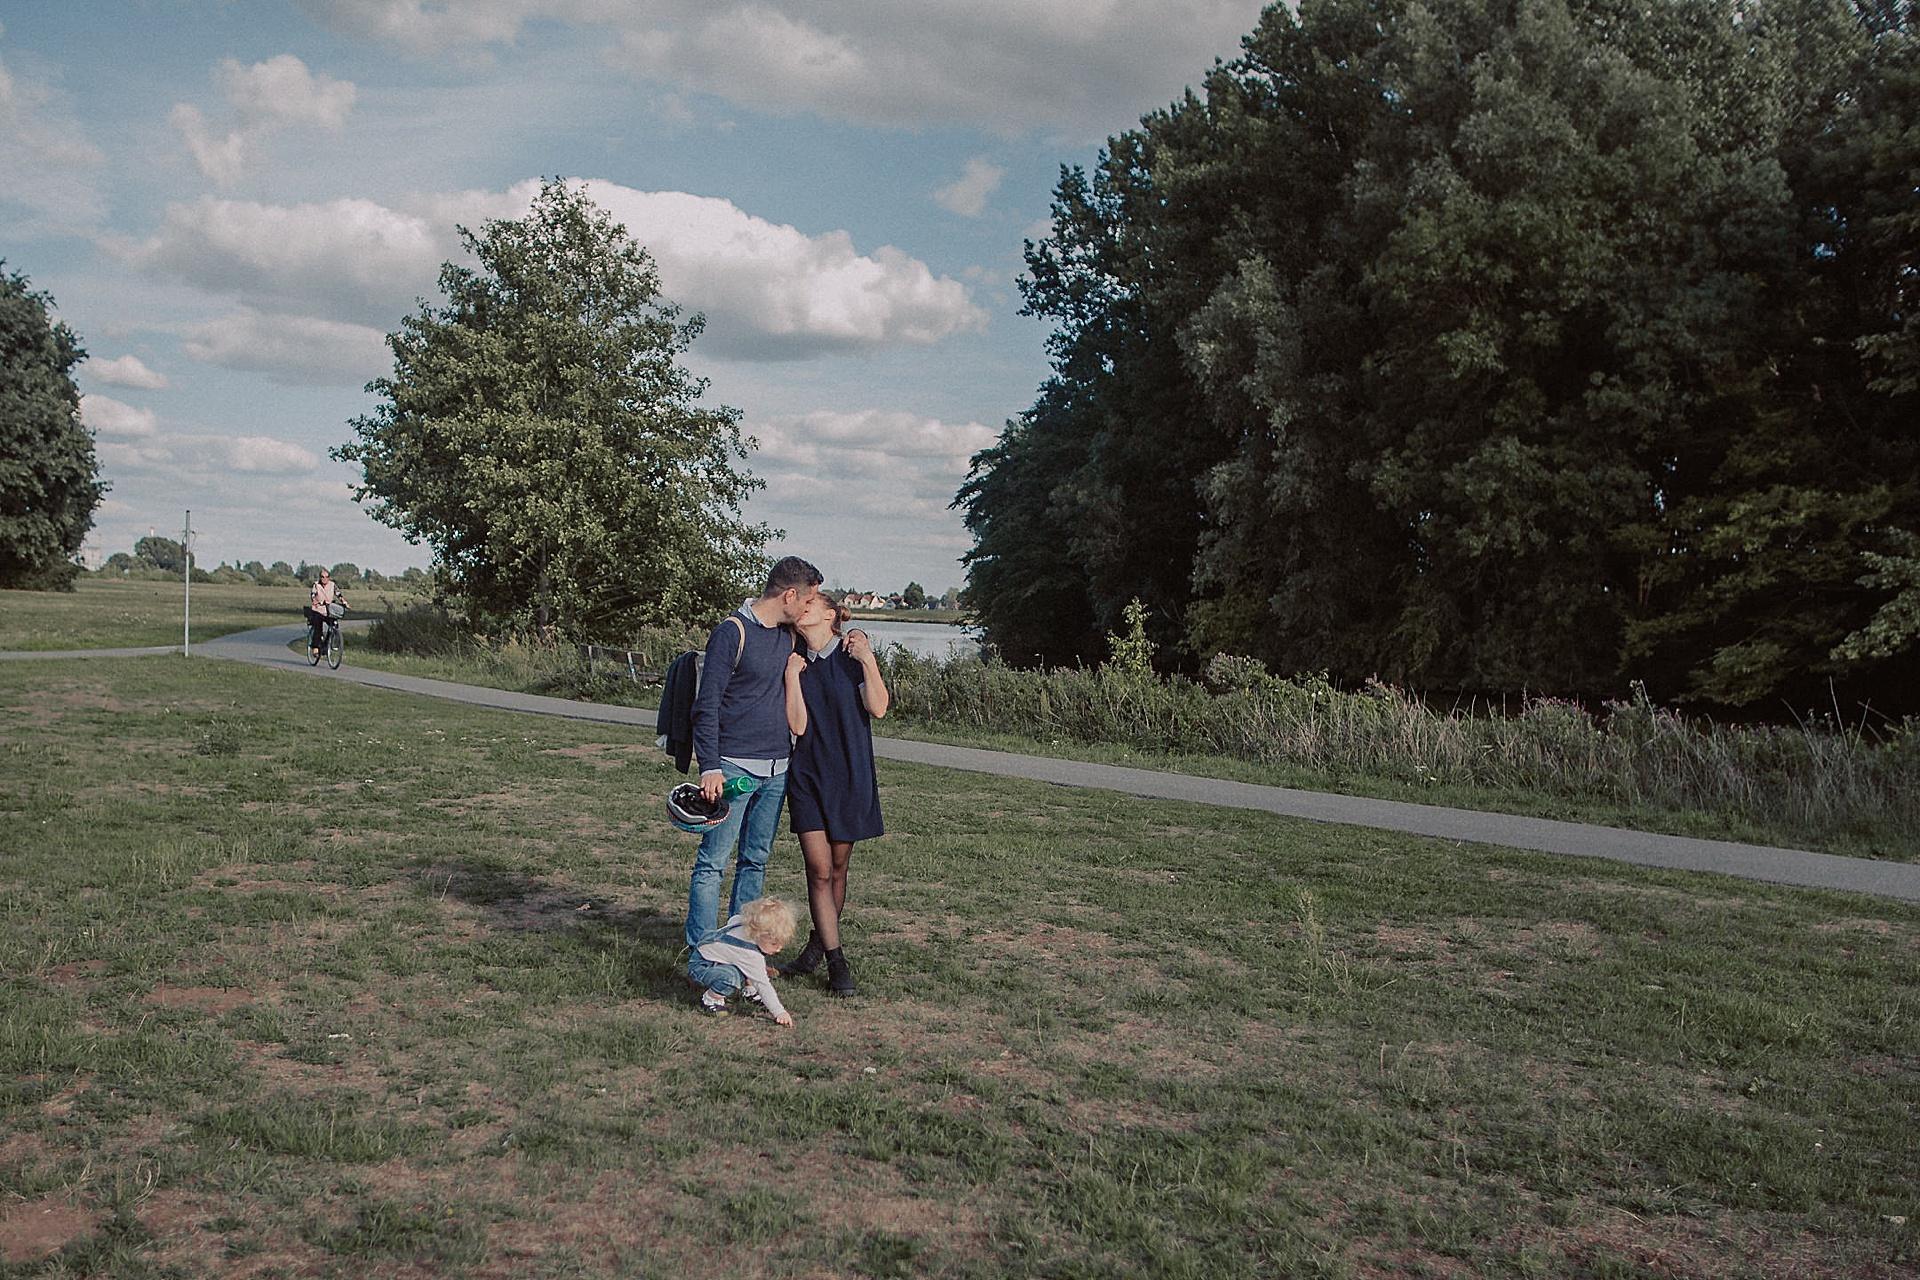 familienfotograf-familien-reportage-bremen-danielzube-familienfotografie_0022.jpg